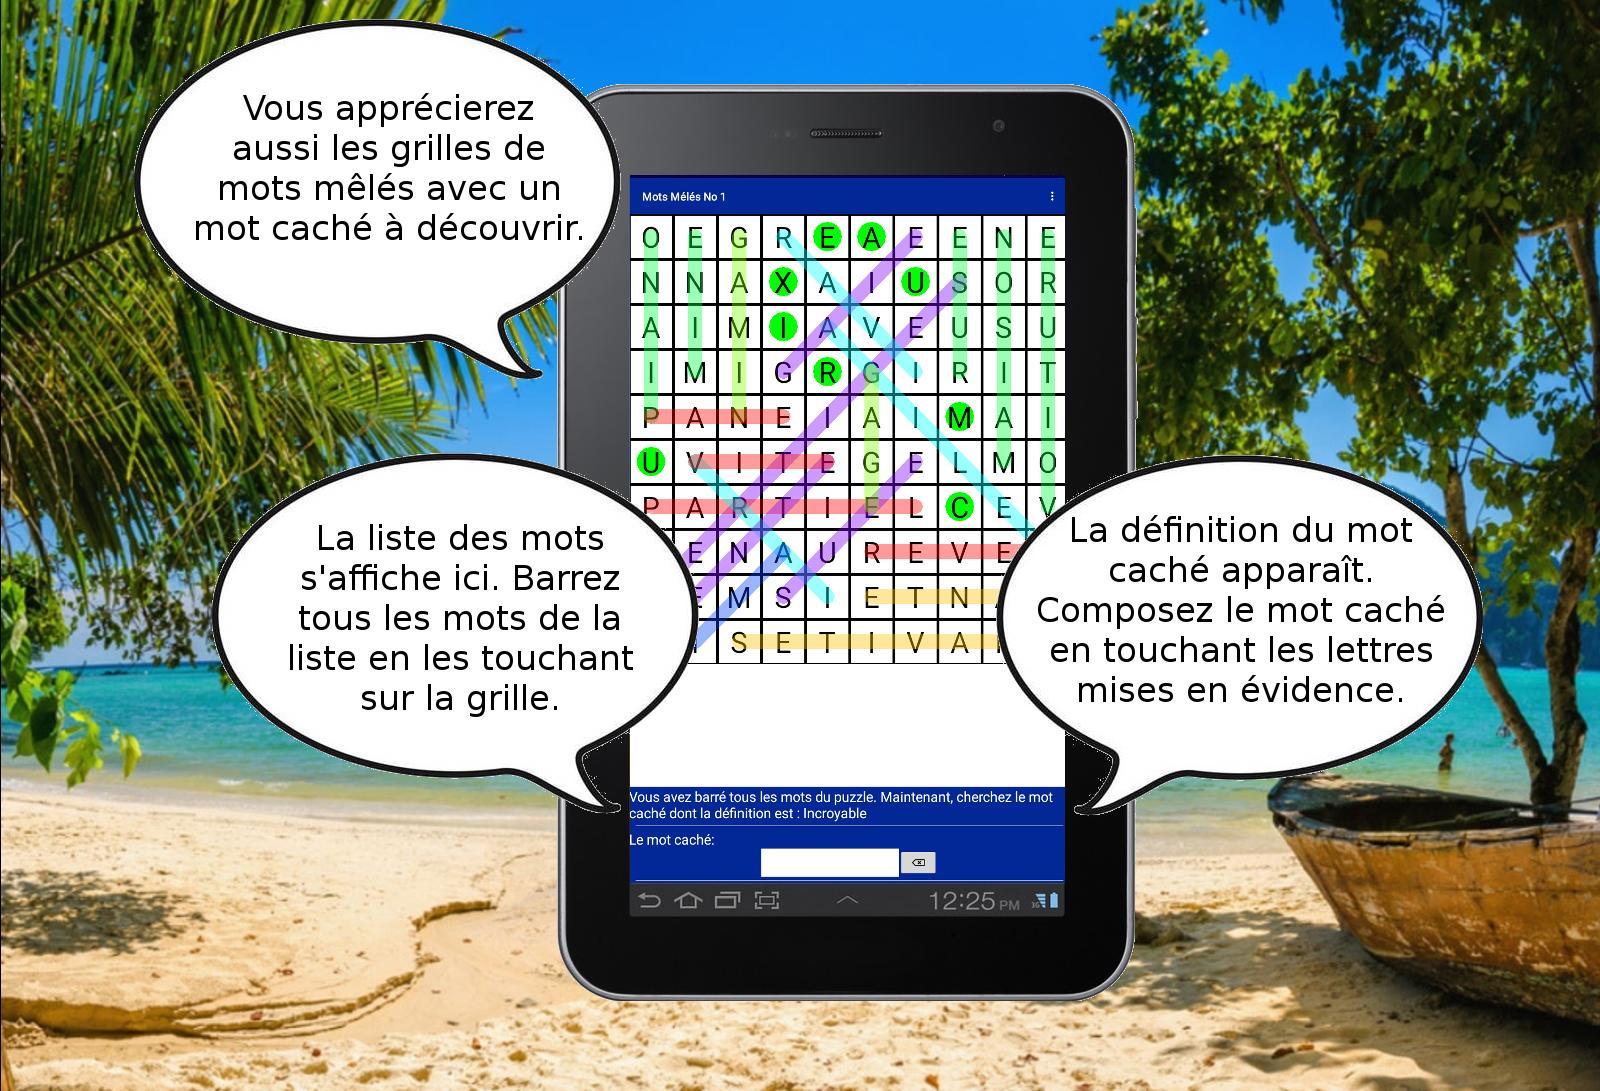 Mots Fléchés Croisés Mêlés Sudokus Gratuits For Android dedans Définition Des Mots Fléchés